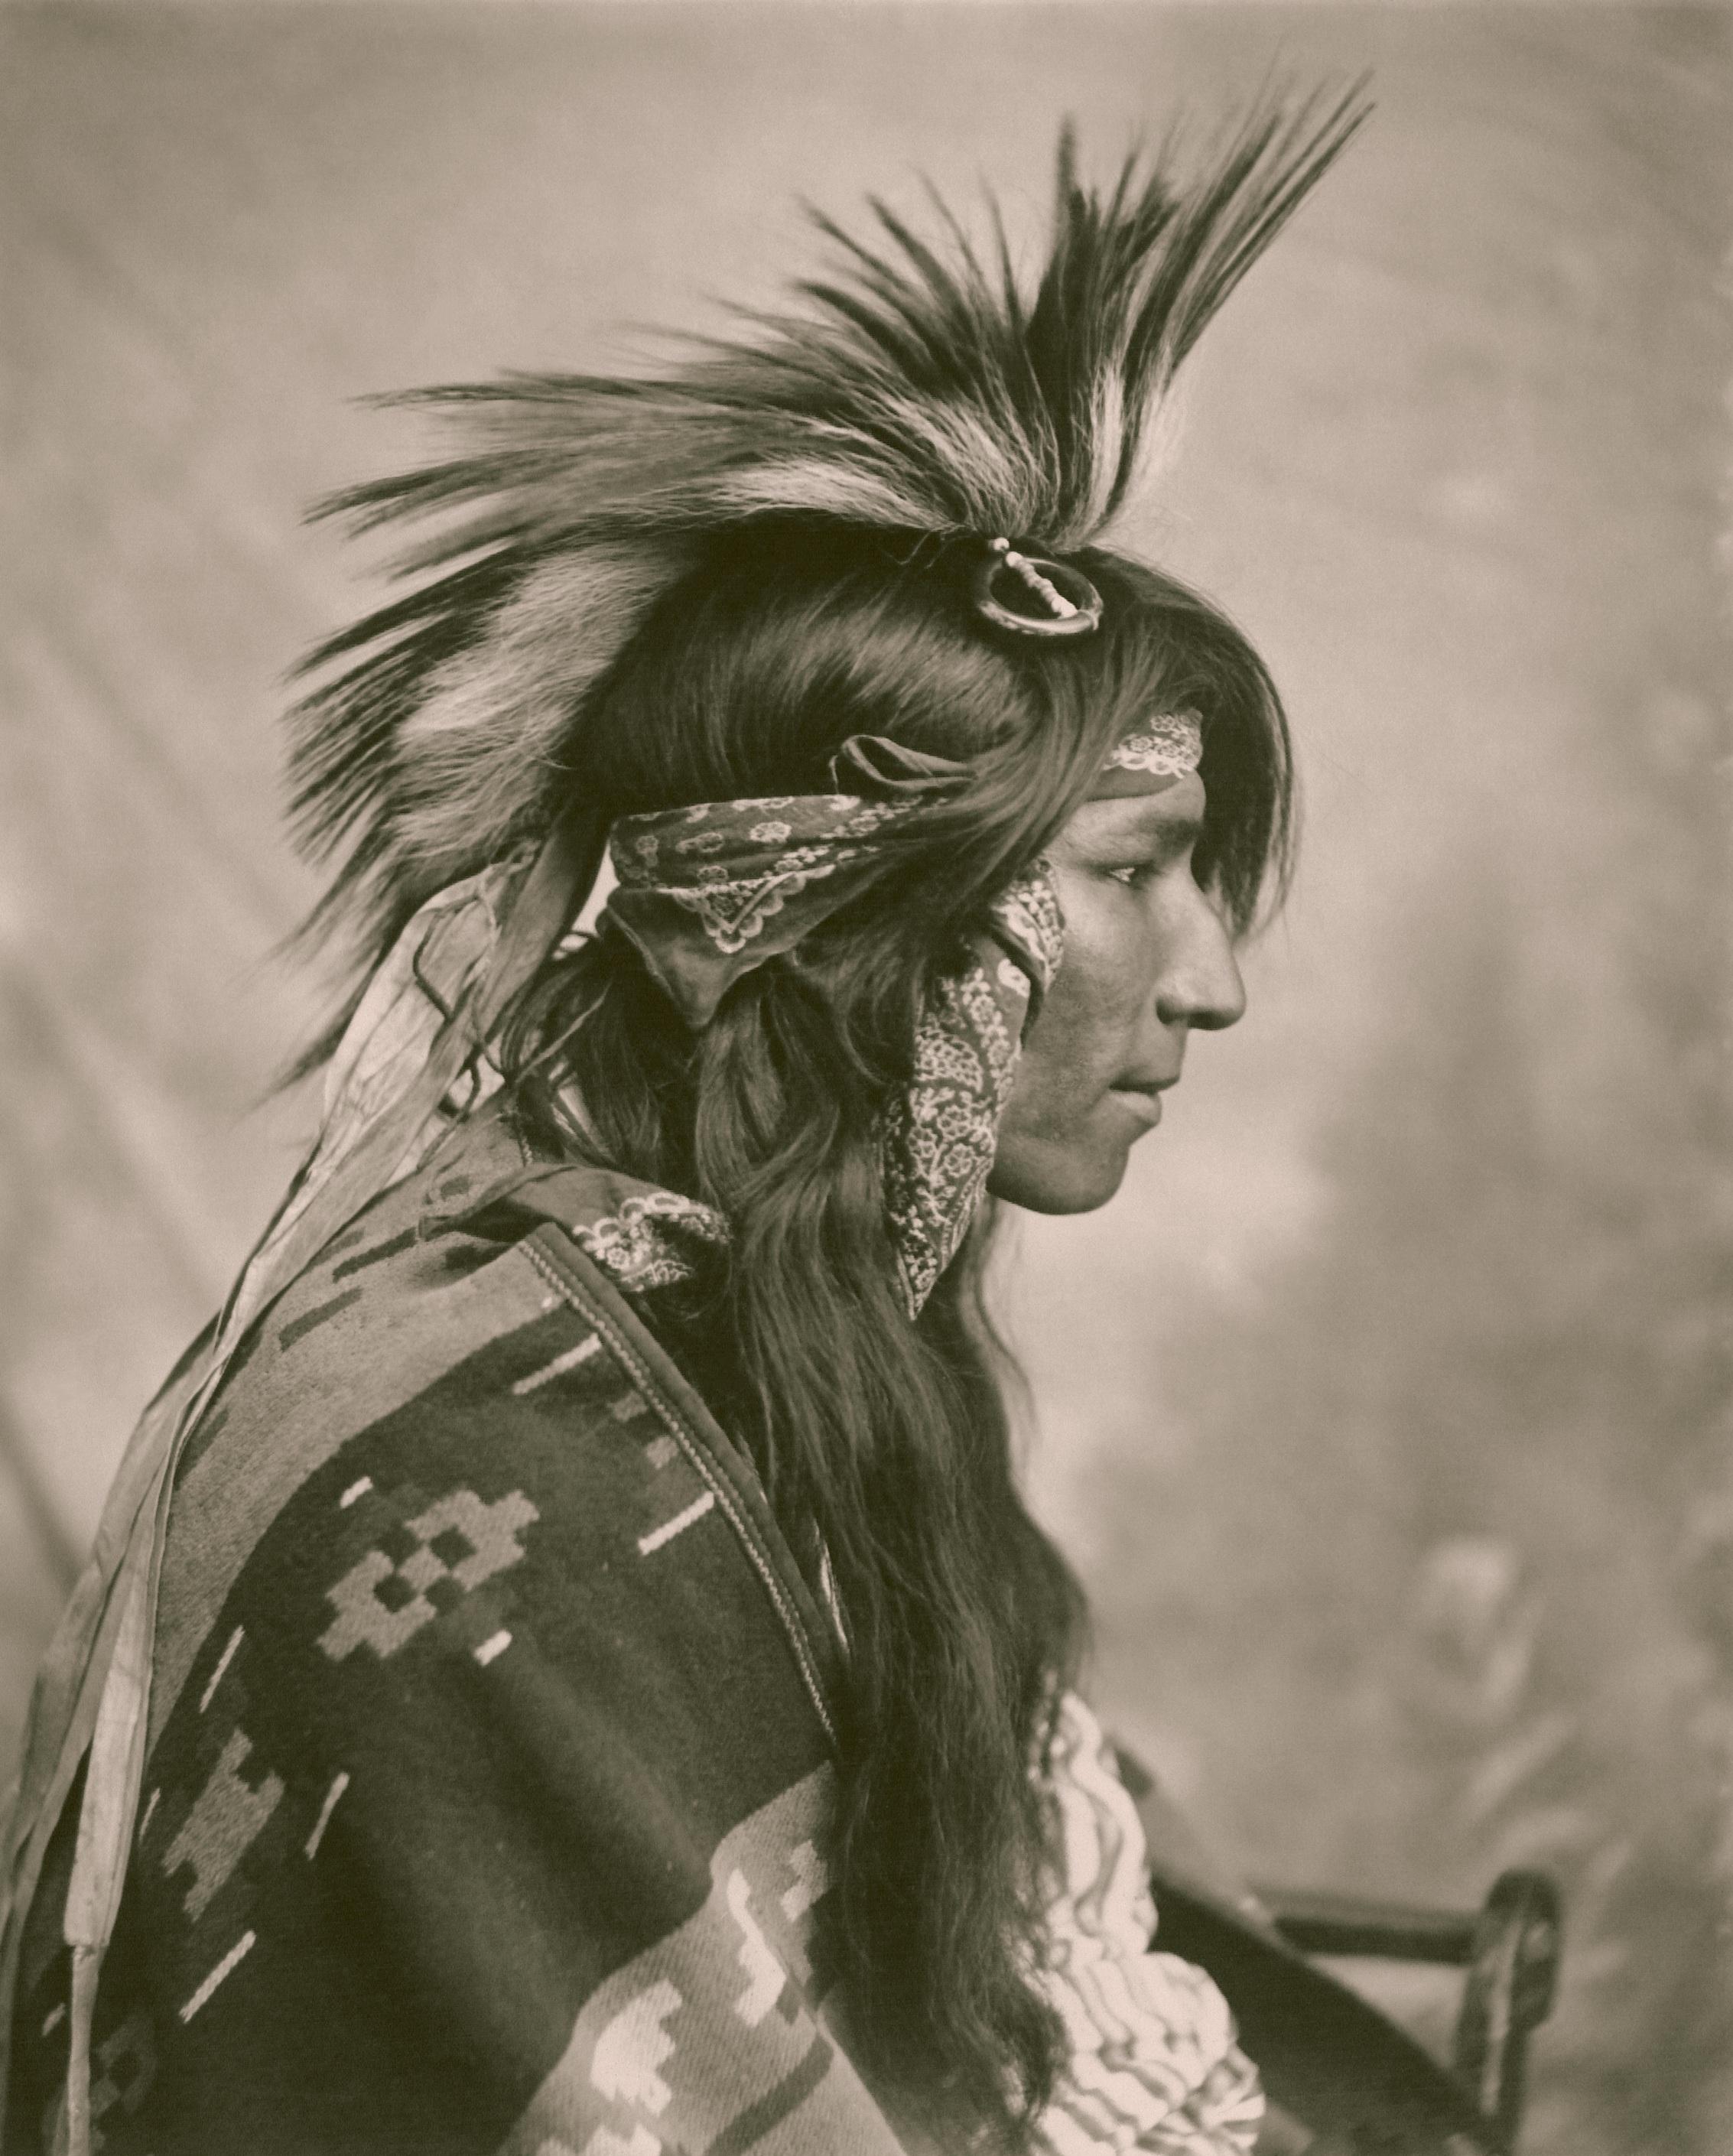 Gambar Orang Hitam Dan Putih Vintage Satu Warna Bulu